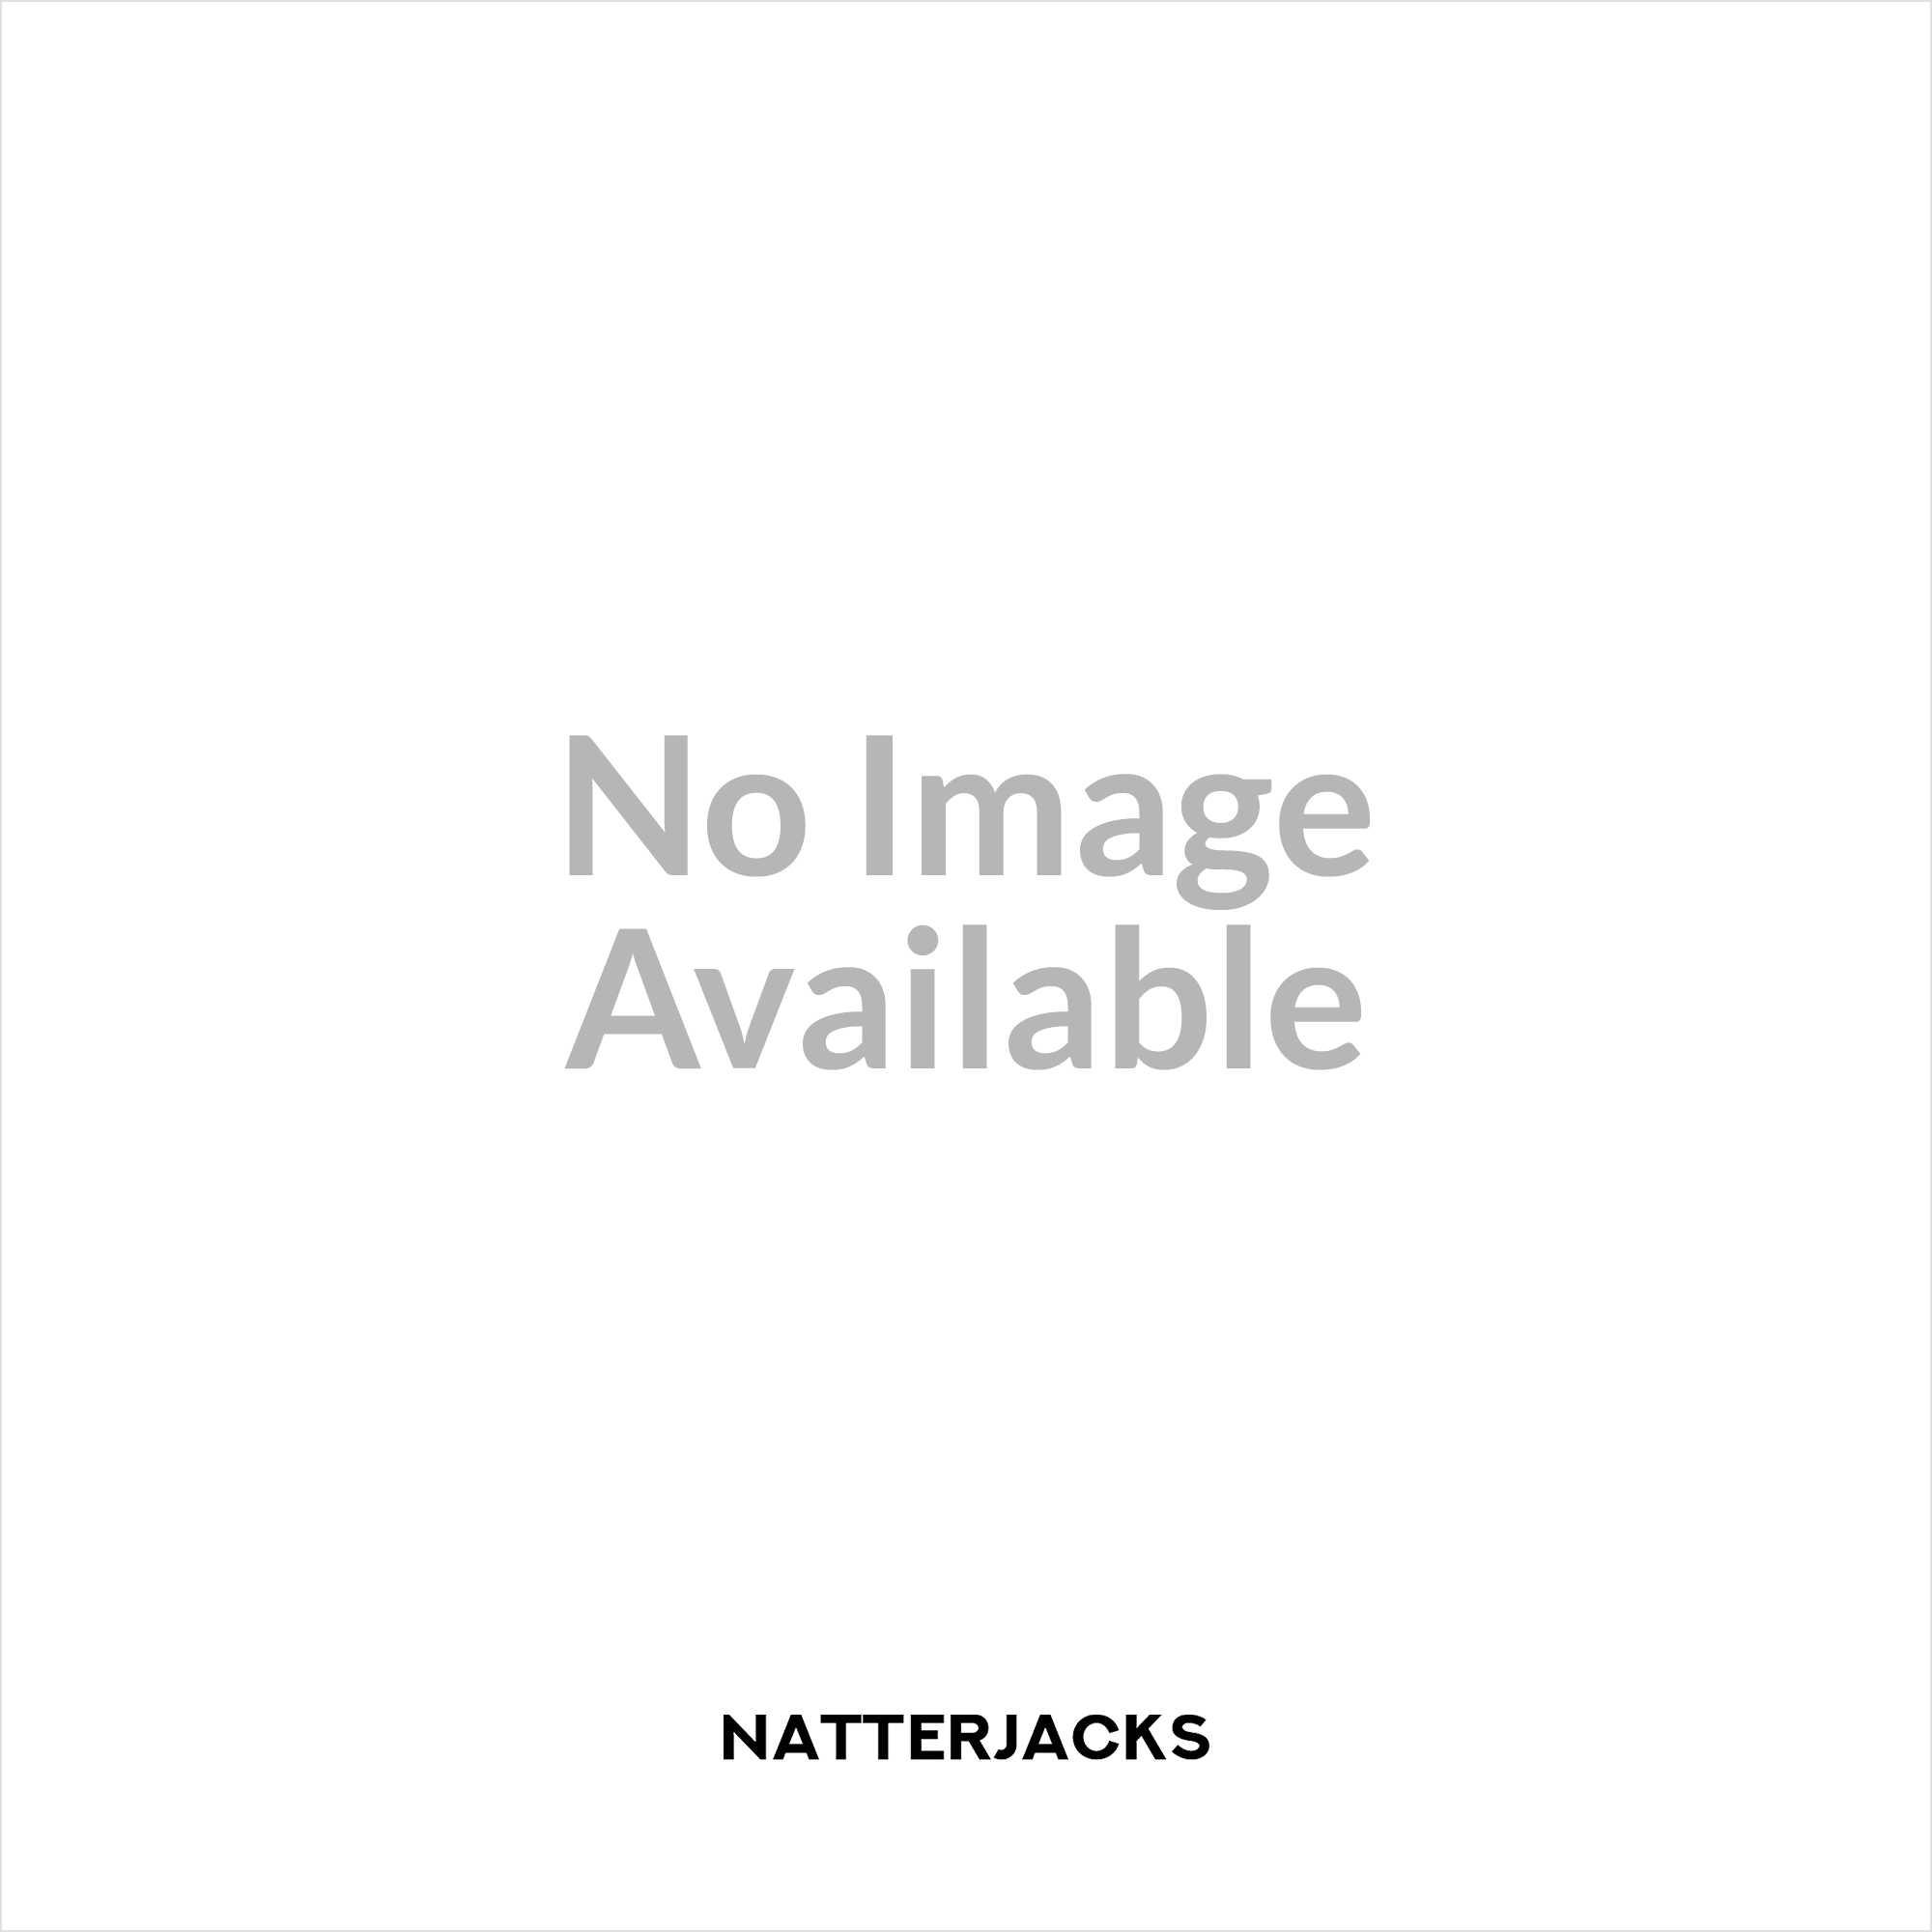 Alife Capo T-shirt - Black